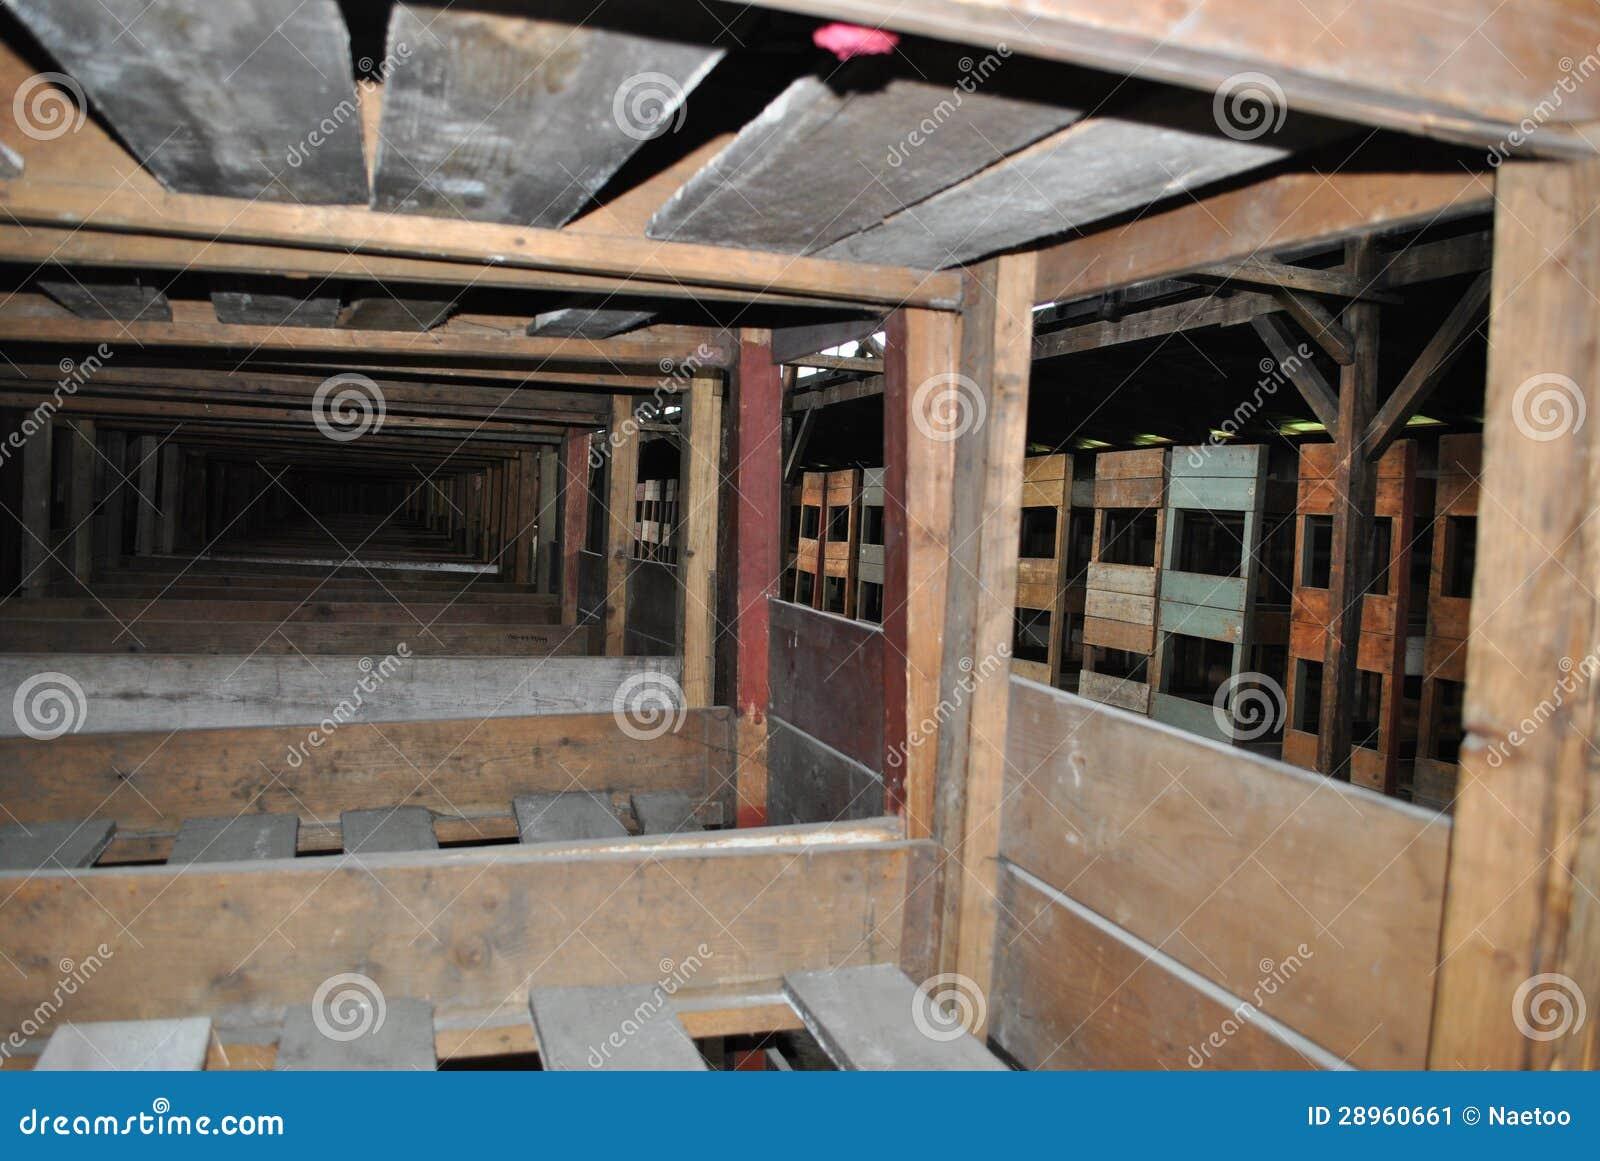 Drewniani łóżka w koszary, Birkenau koncentracyjny obóz